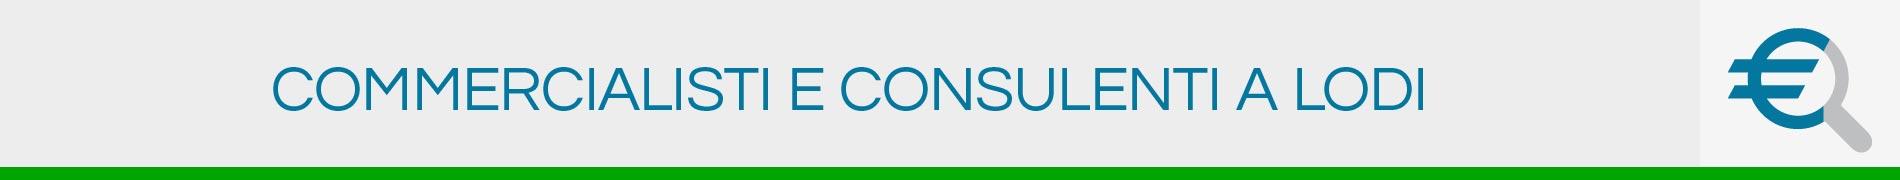 Commercialisti e Consulenti a Lodi